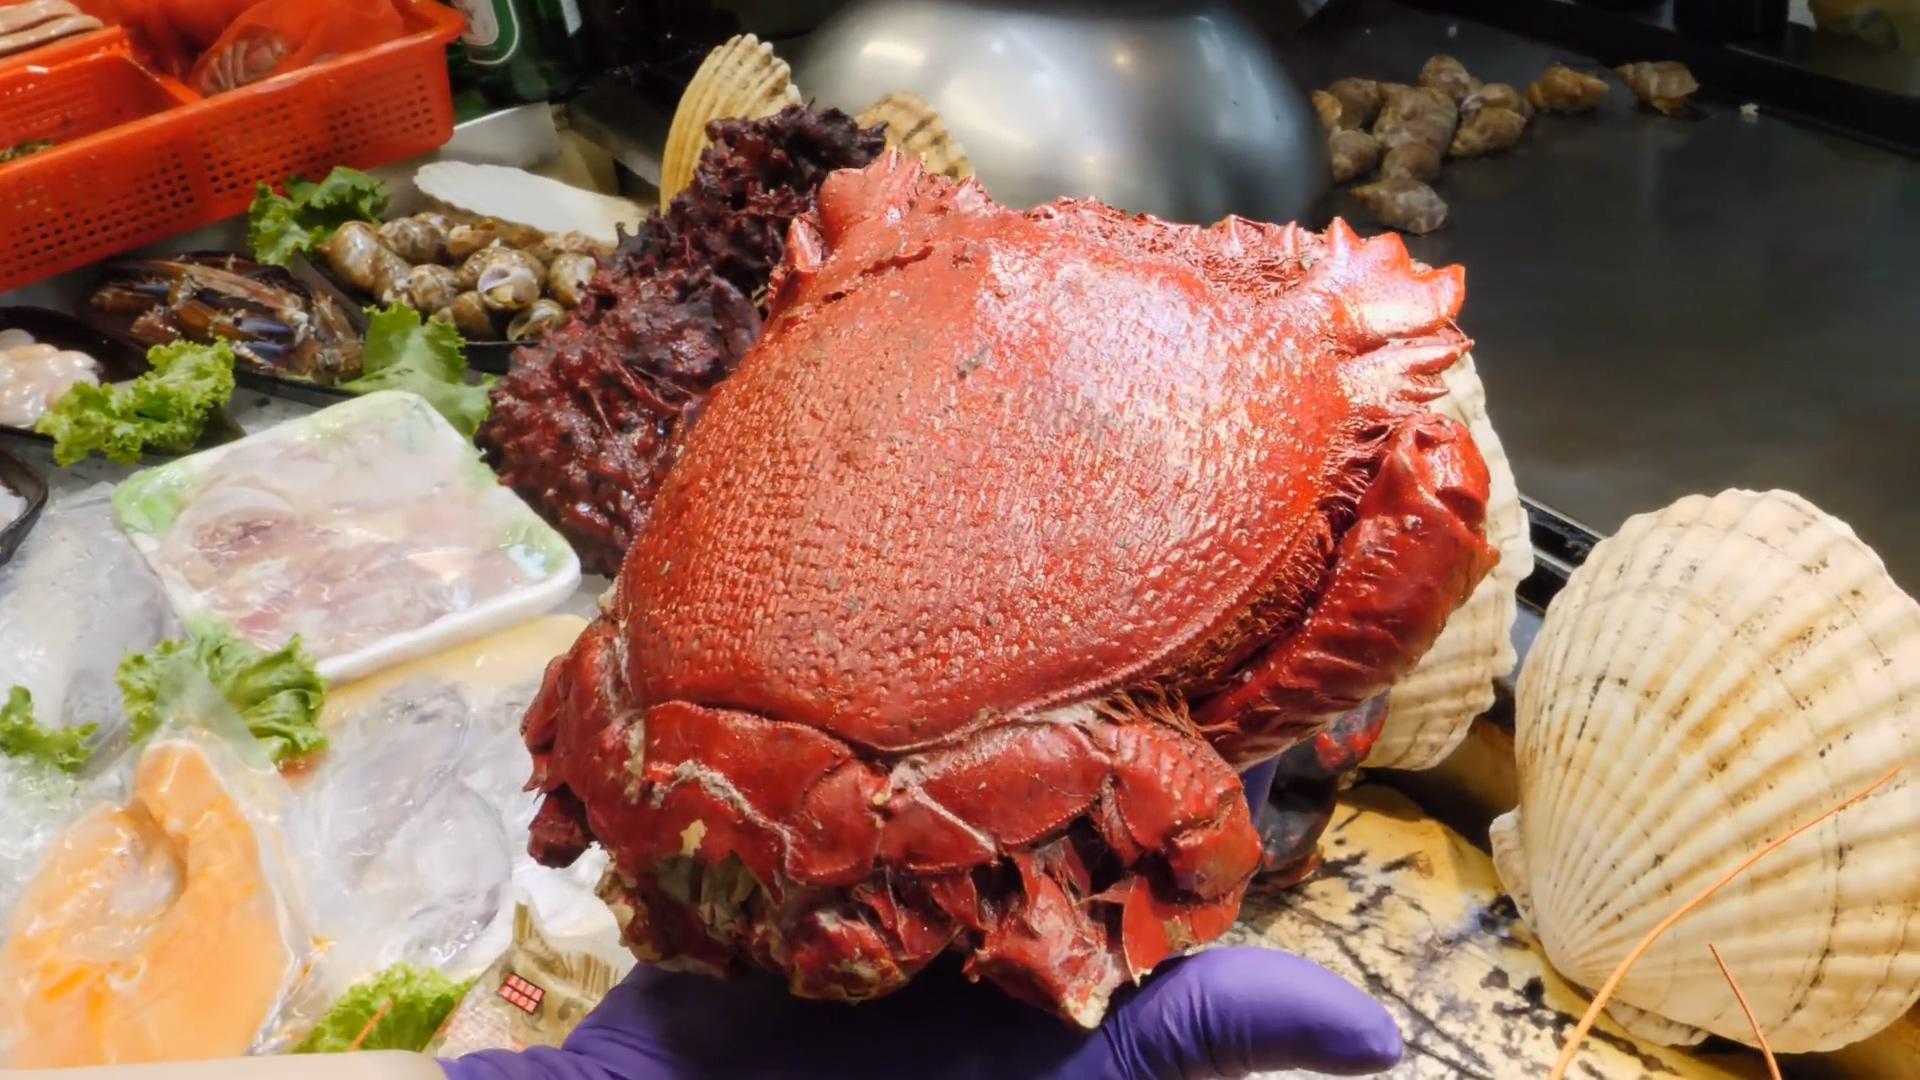 中国台湾鱼市小贩处理老虎蟹,海臭虫切块裹粉下锅油炸!